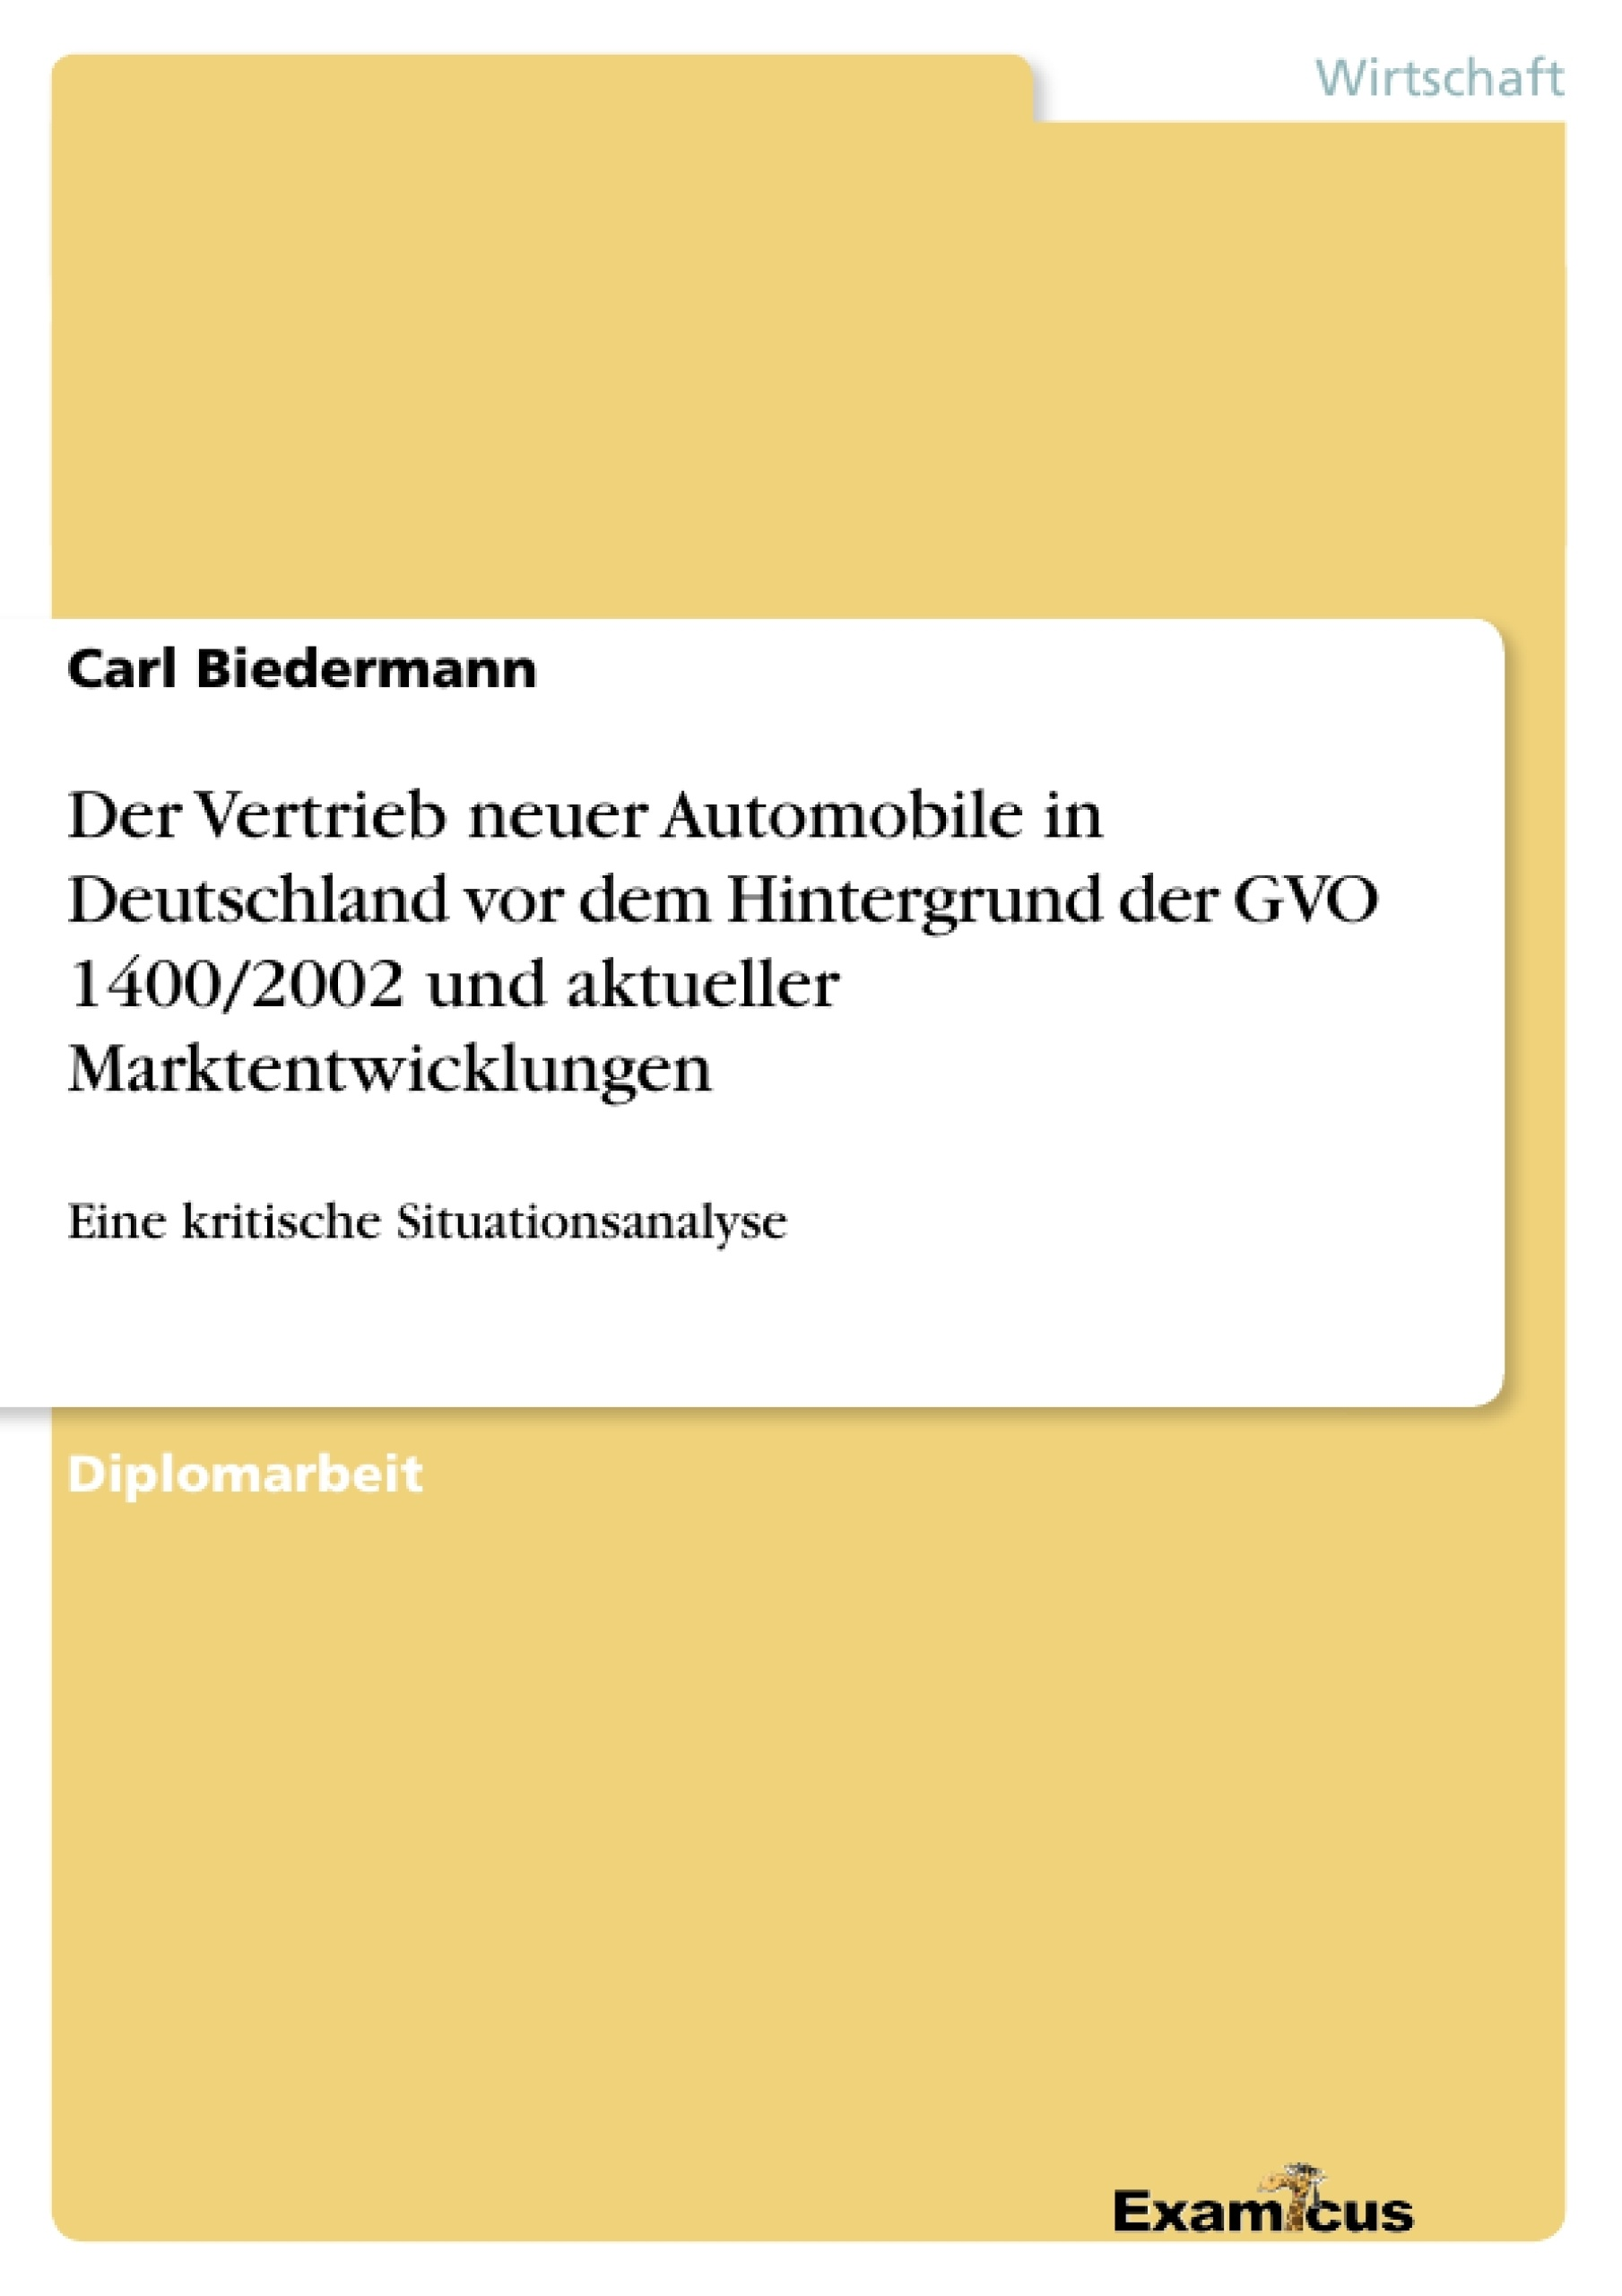 Titel: Der Vertrieb neuer Automobile in Deutschland vordem Hintergrund der GVO 1400/2002 und aktueller Marktentwicklungen